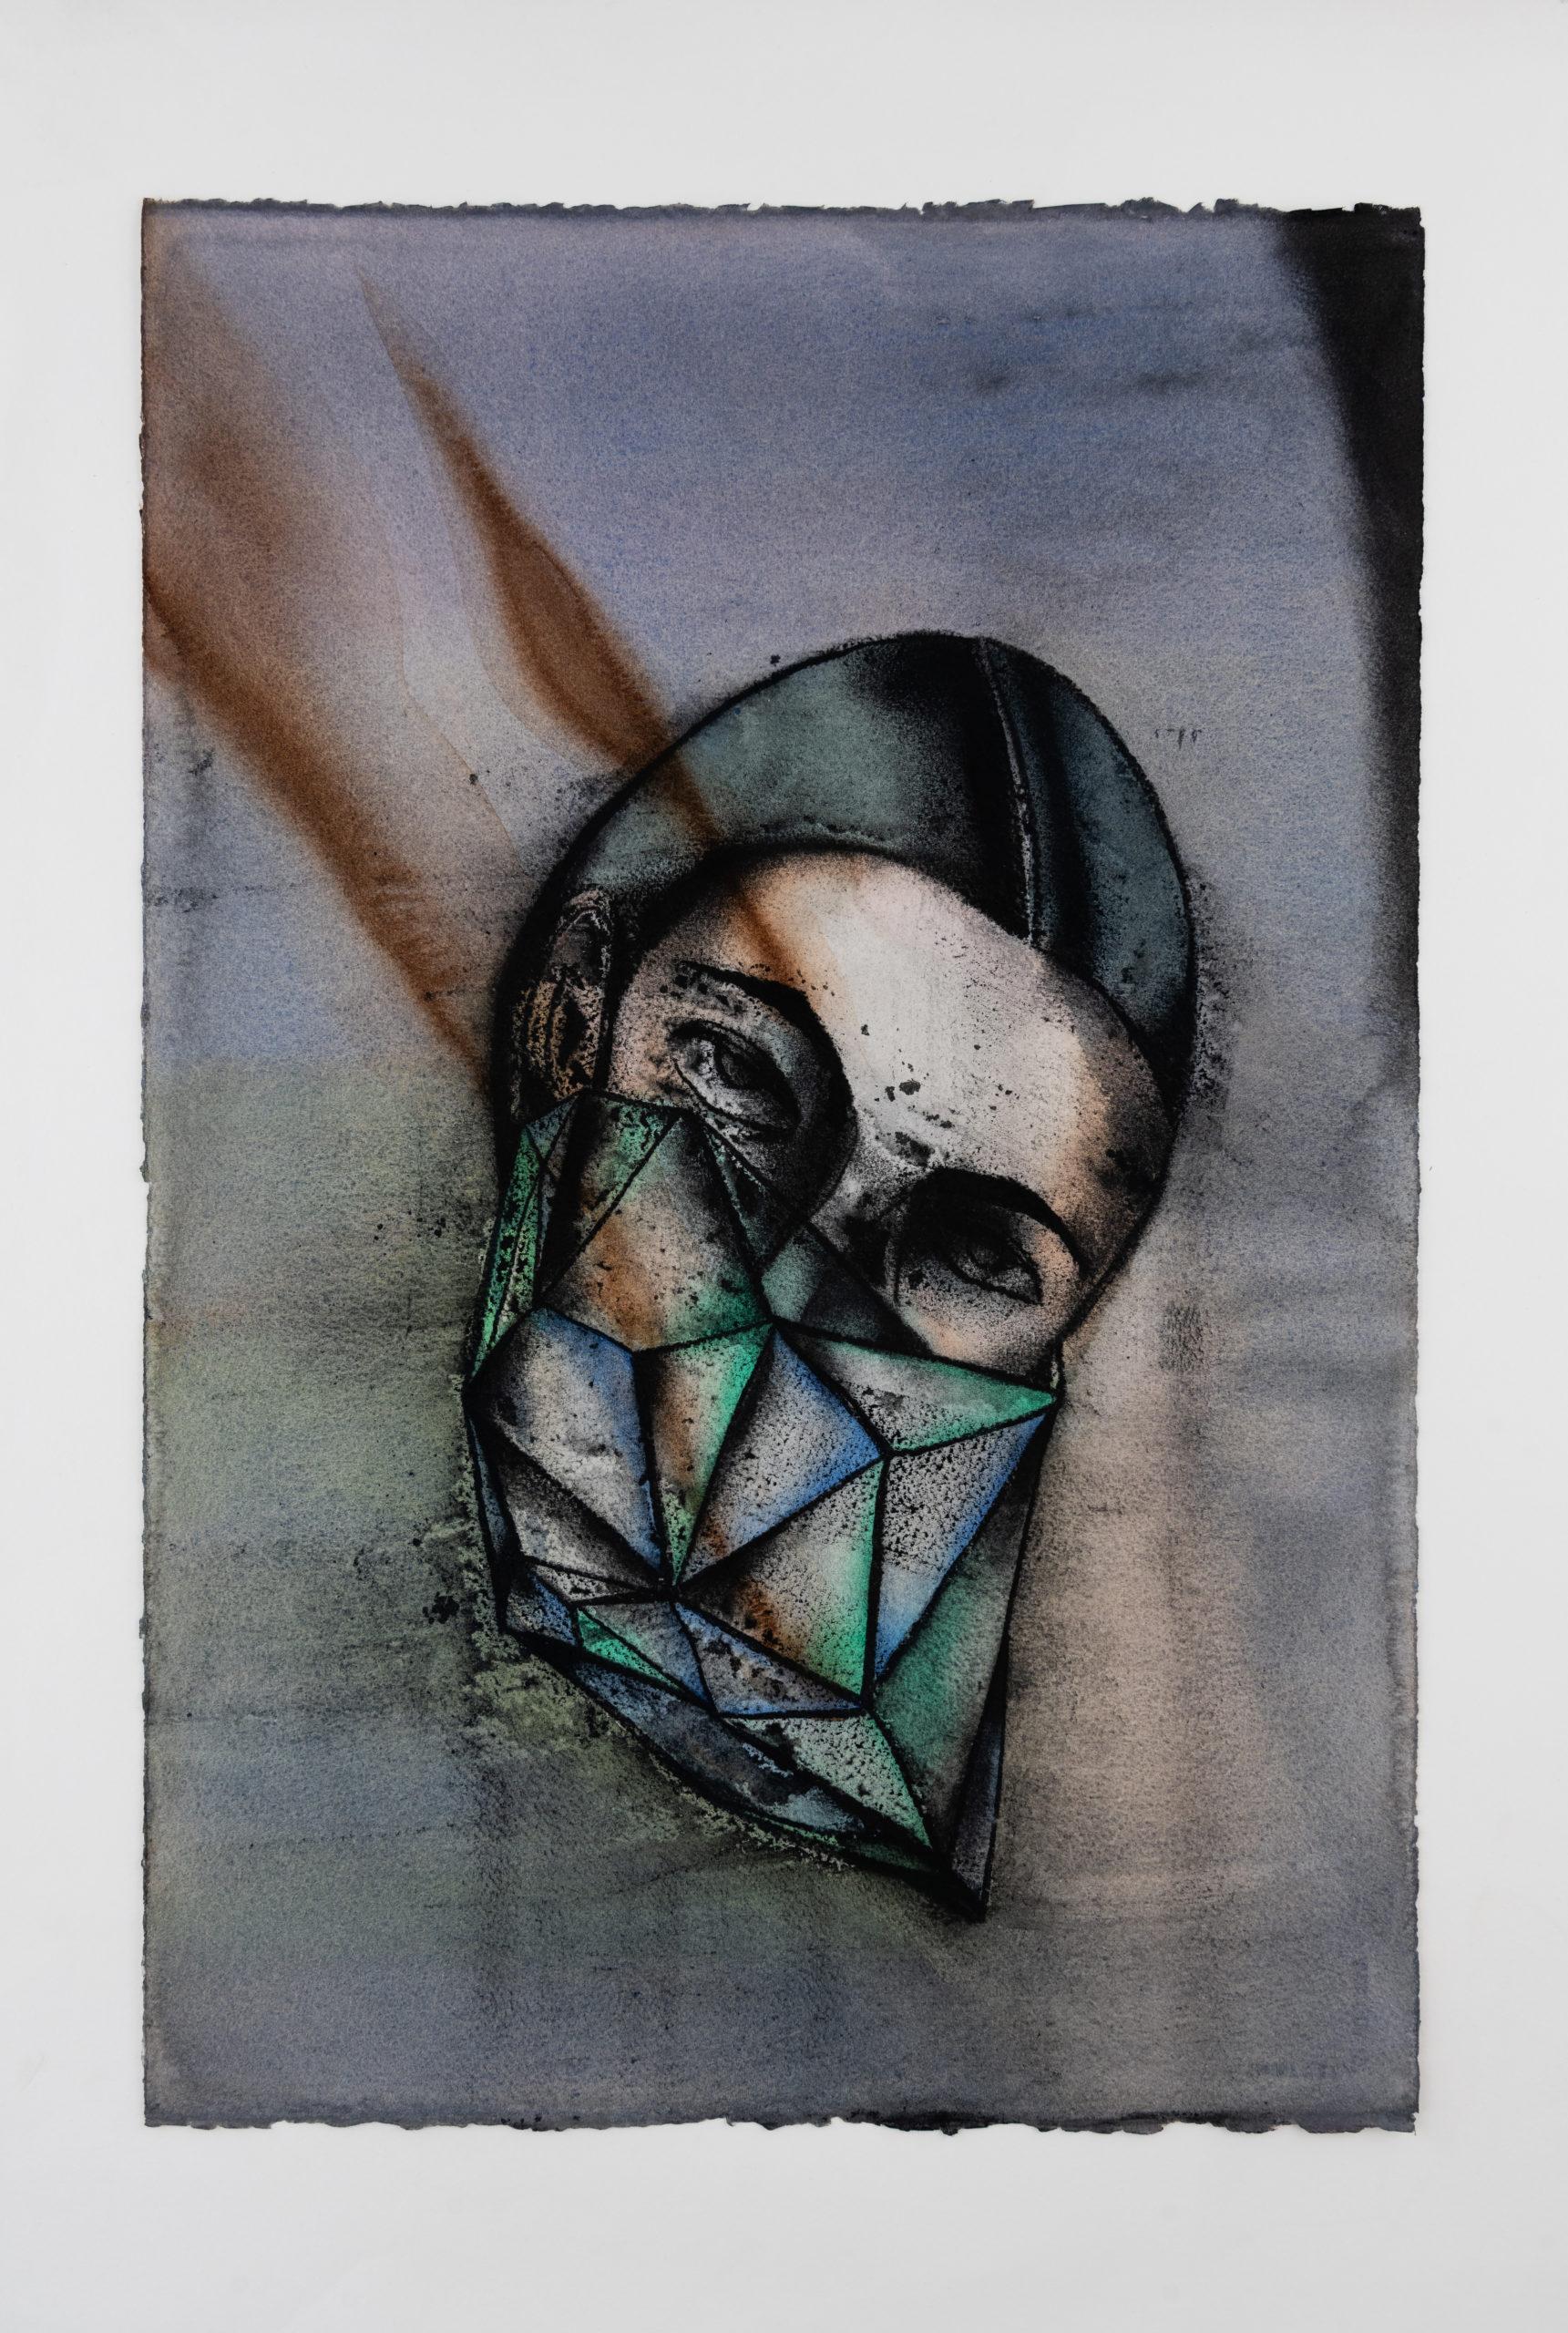 Masking/Diamond2020 Oeuvre sur papierAquarelle, fusain et pastel sur papier / Watercolor, charcoal and soft Pastel on paper 57 x 38 cm—22 ½ x 15in. unframed 72 x 53 cm – 28 3/8 x 20 7/8 in. framed, courtesy galerie Templon Partis-Bruxelles